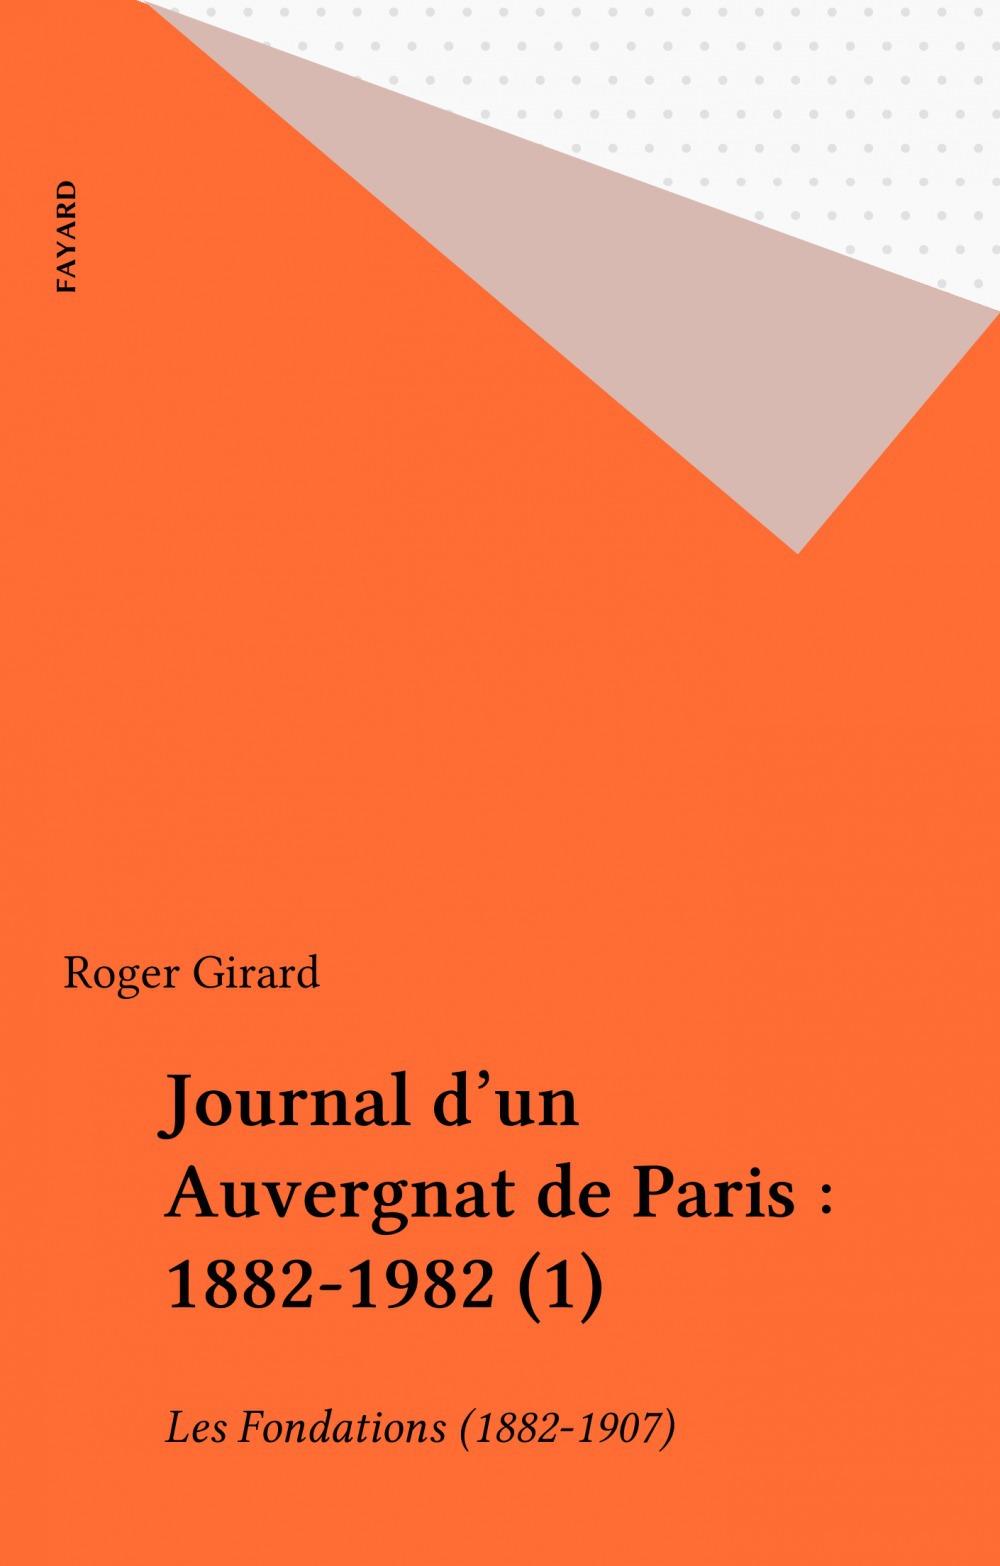 Journal d'un Auvergnat de Paris : 1882-1982 (1)